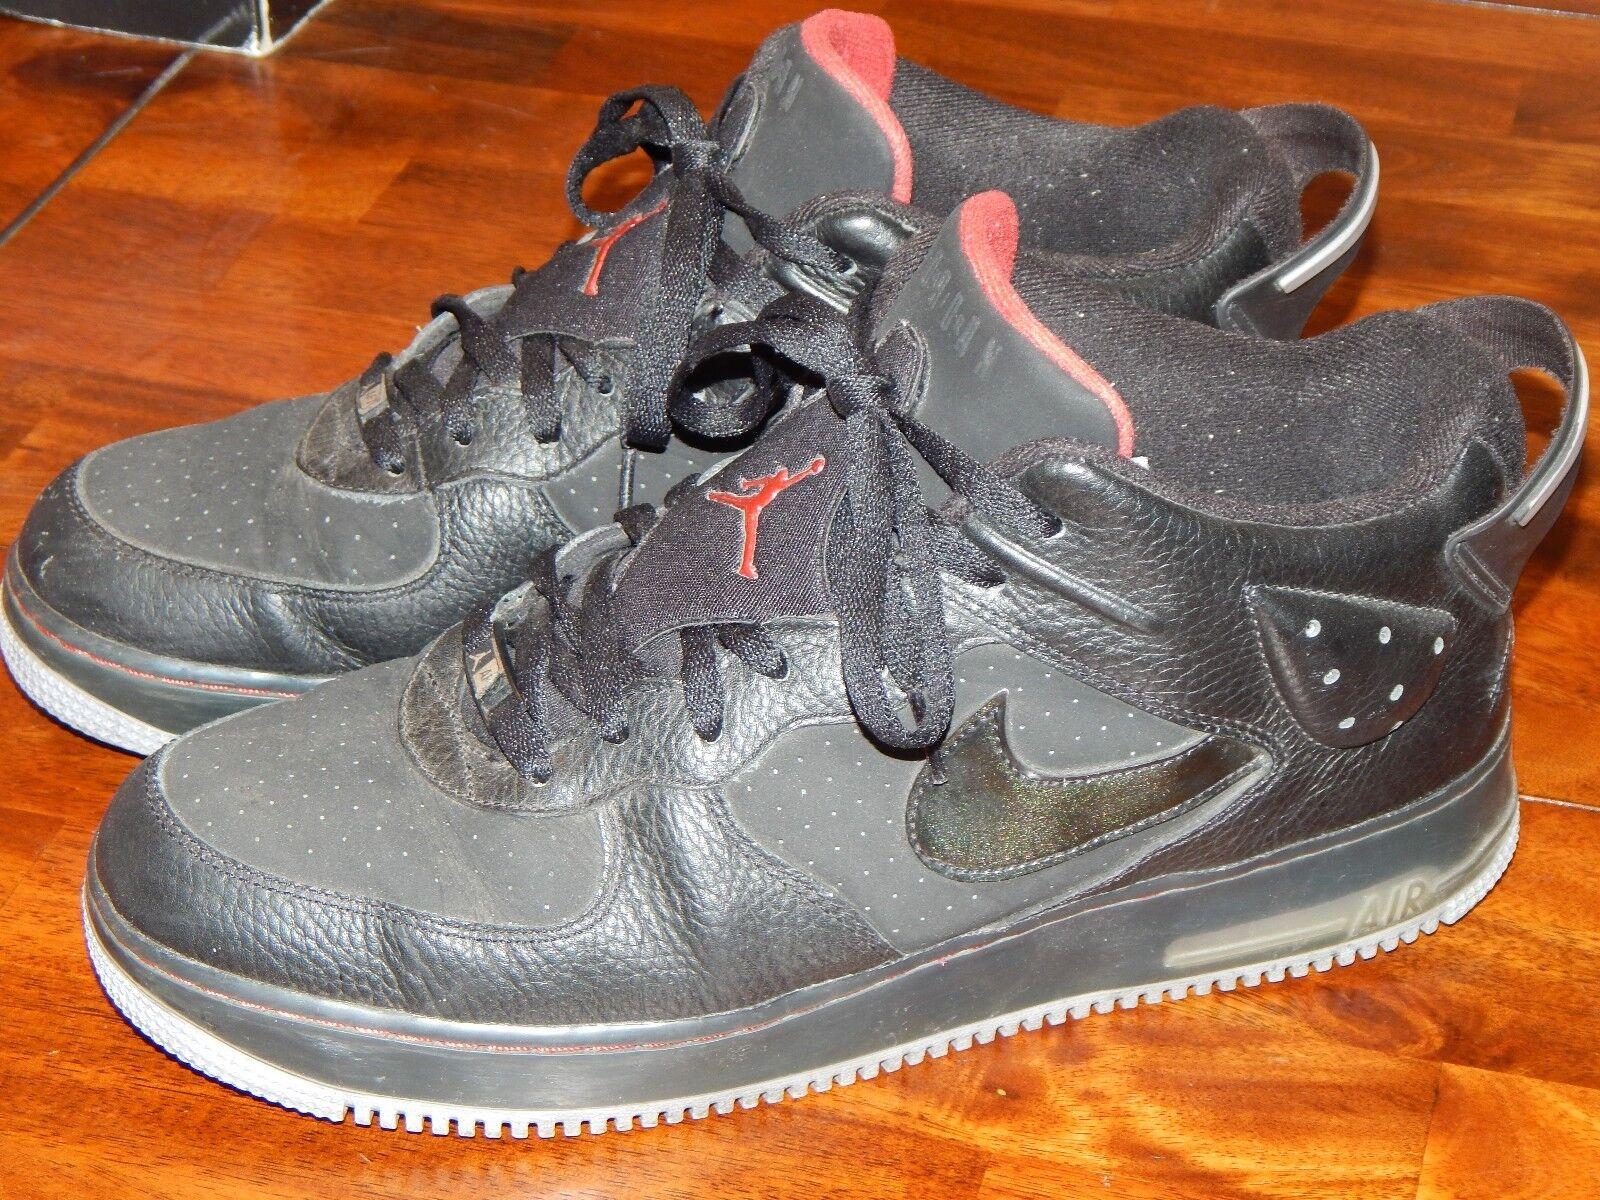 Nike AFJ 6 5/8th Men's 13 Stealth Air Force Jordan Black Stealth 13 Leather AF1 GU NDS 135 67202e